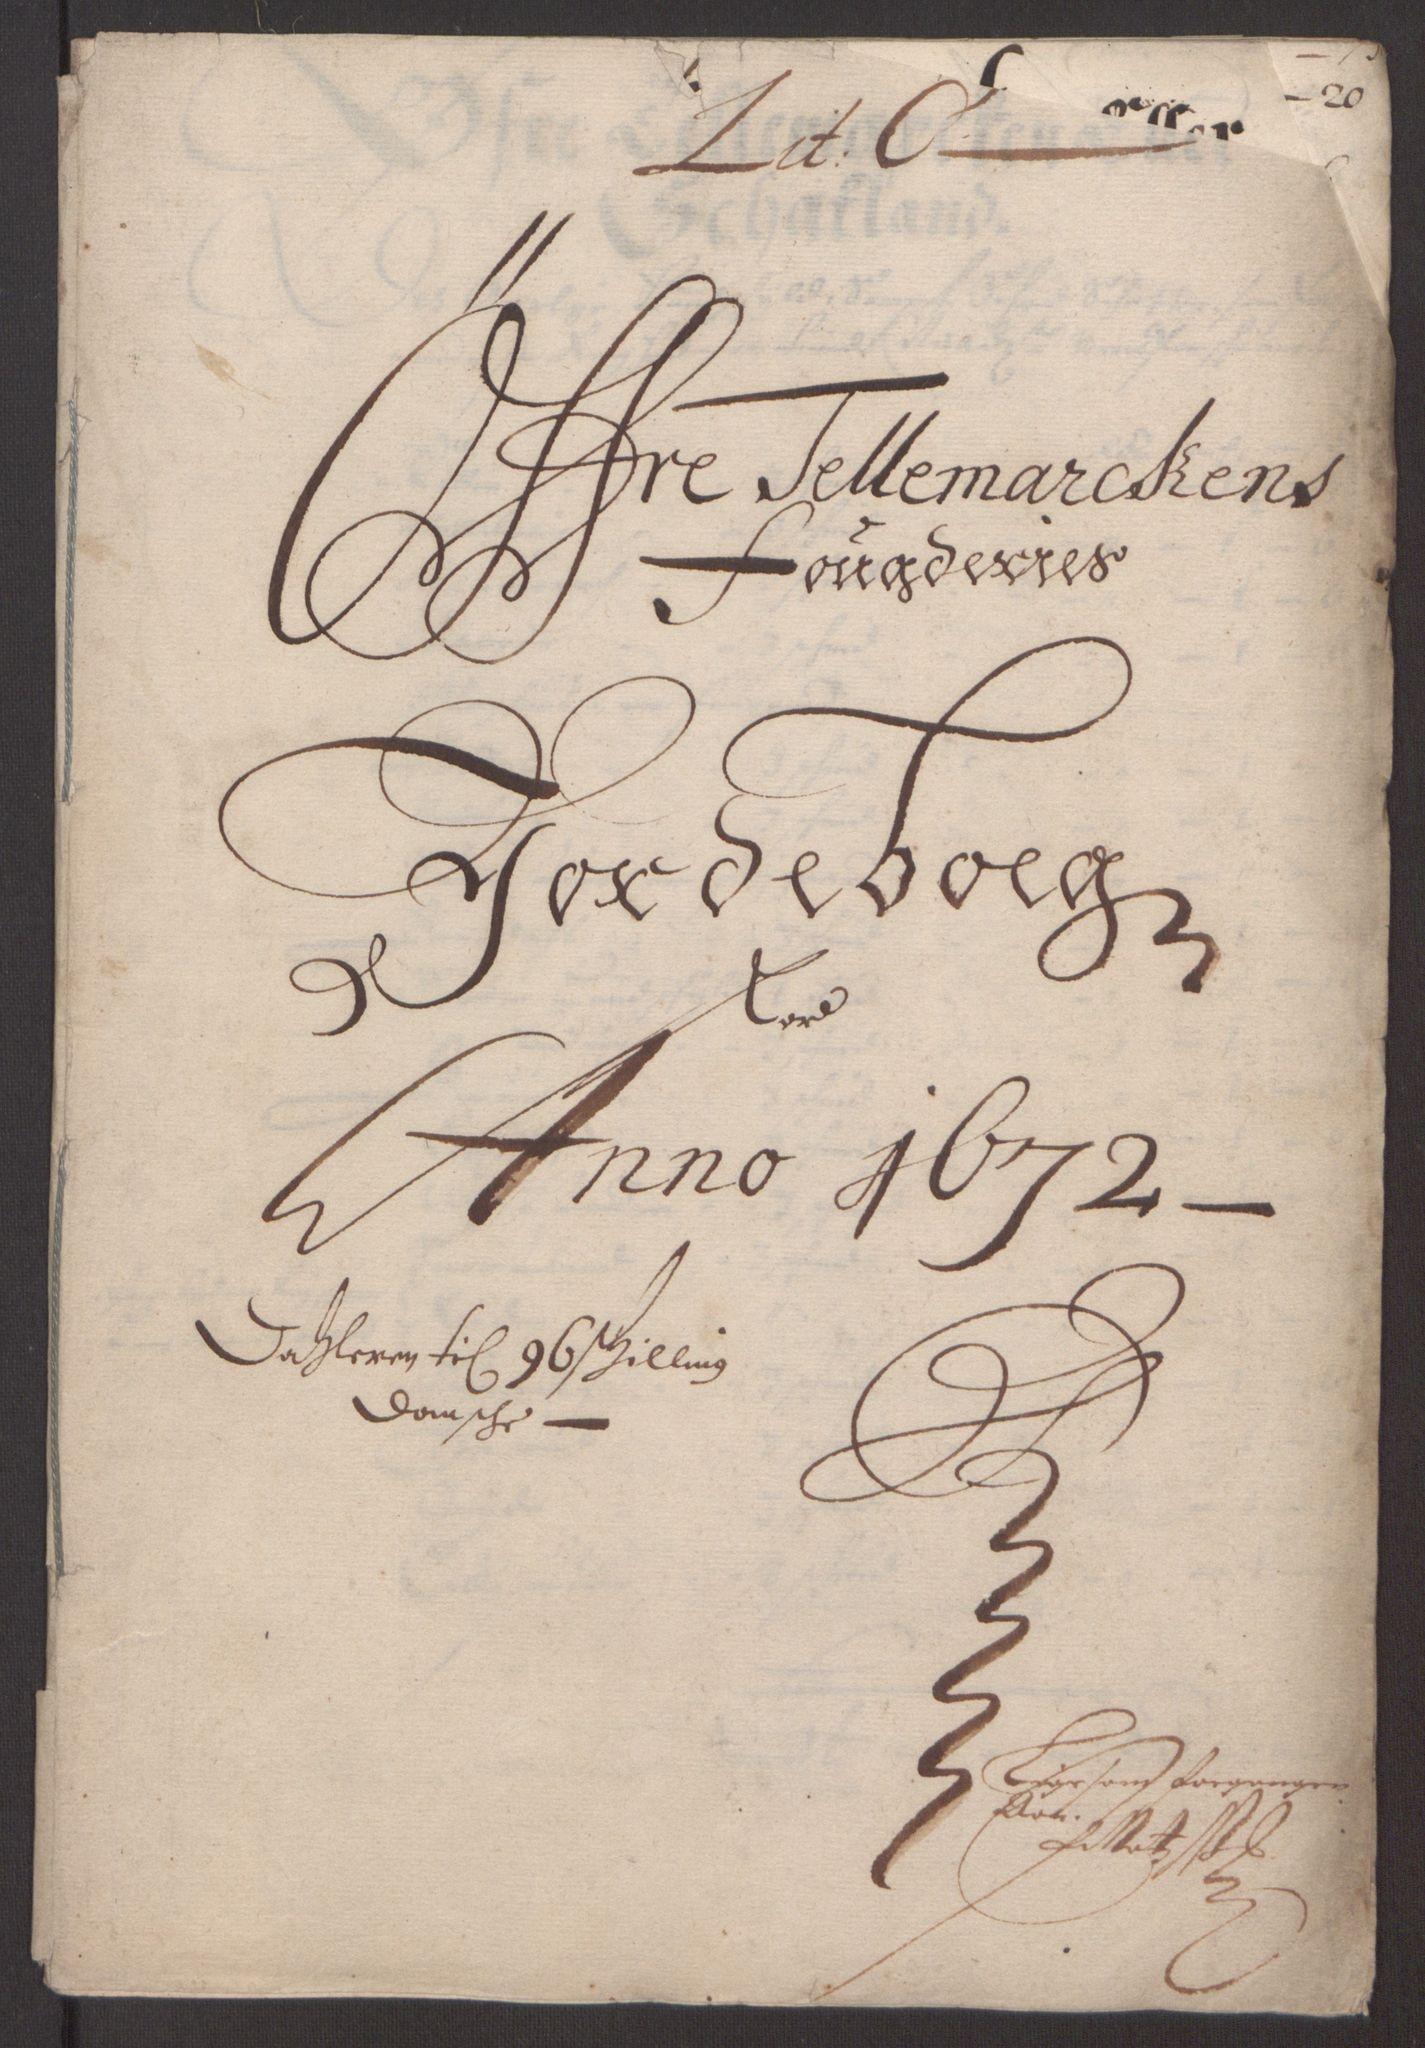 RA, Rentekammeret inntil 1814, Reviderte regnskaper, Fogderegnskap, R35/L2060: Fogderegnskap Øvre og Nedre Telemark, 1671-1672, s. 410